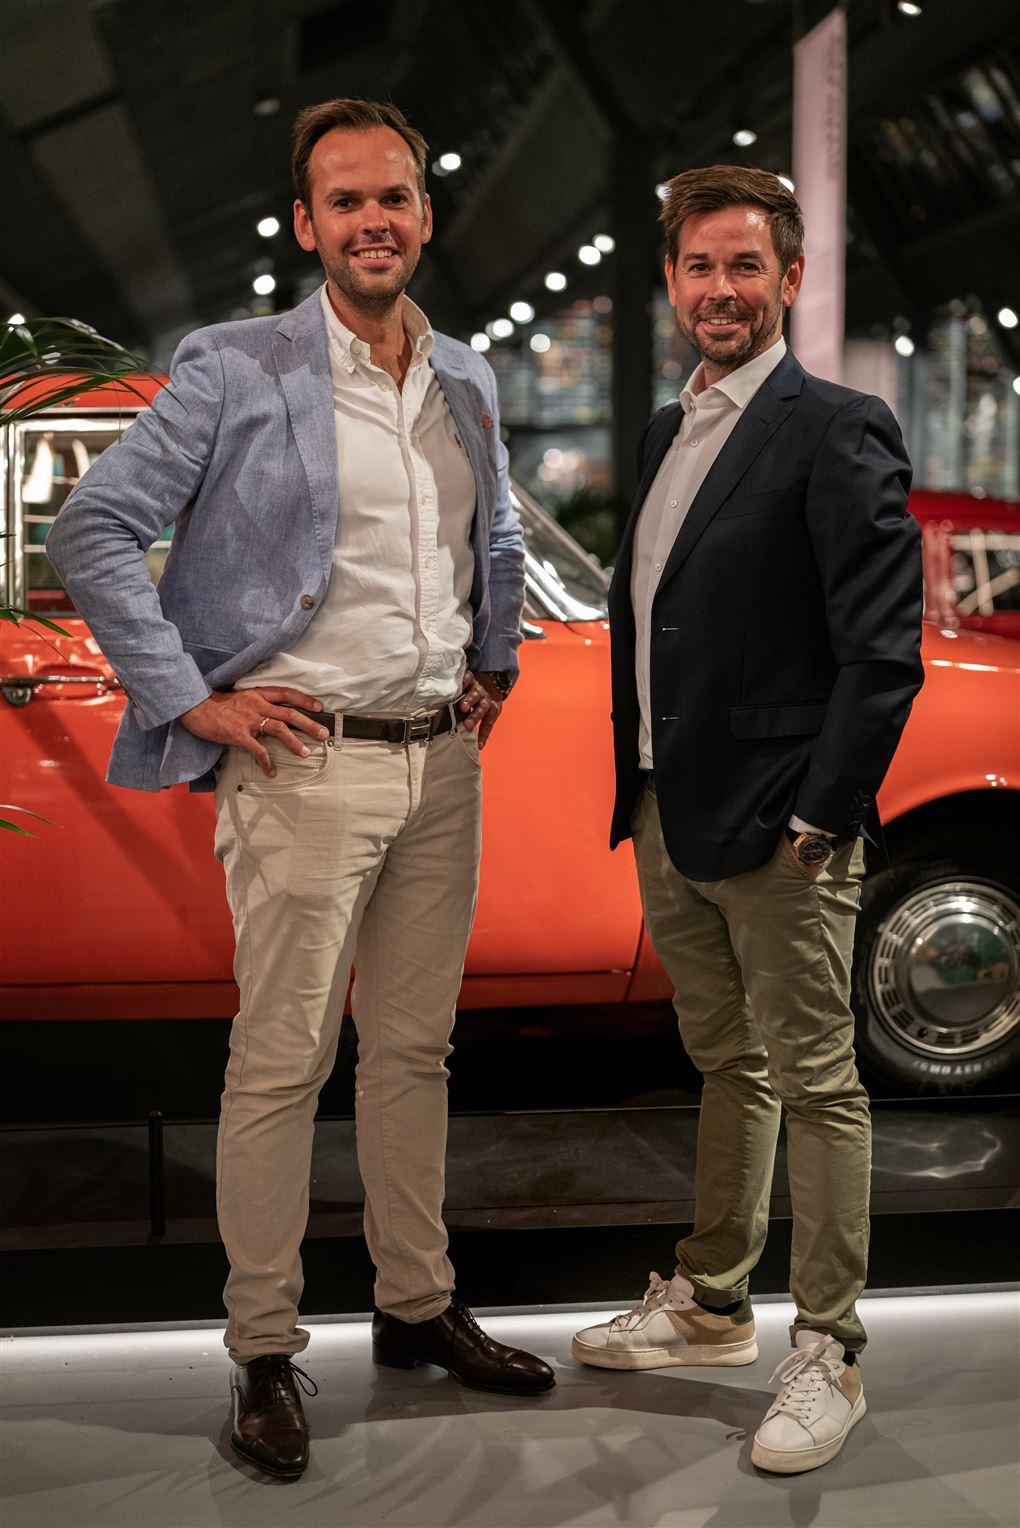 to mænd ved en samling biler